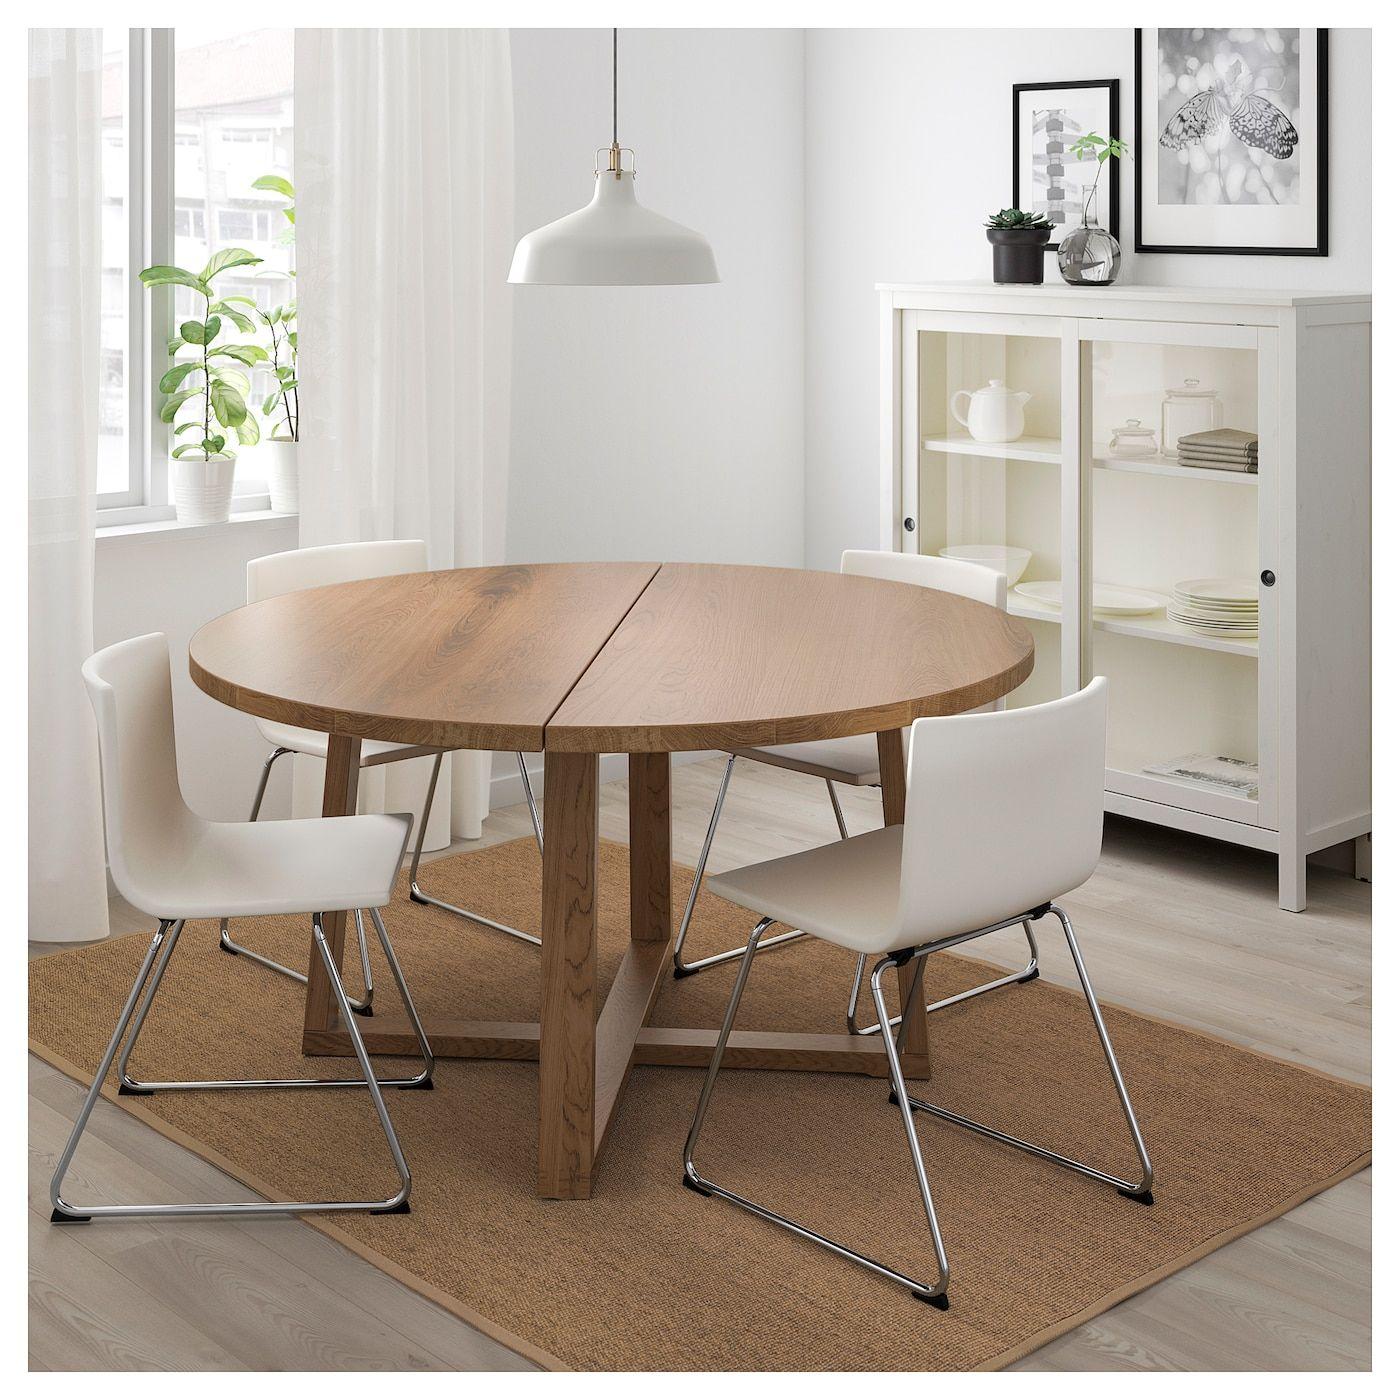 Morbylanga Bernhard Tisch Und 4 Stuhle Eichenfurnier Braun Las Mjuk Weiss Ikea Osterreich Ikea Produkte Ikea Spanplatte